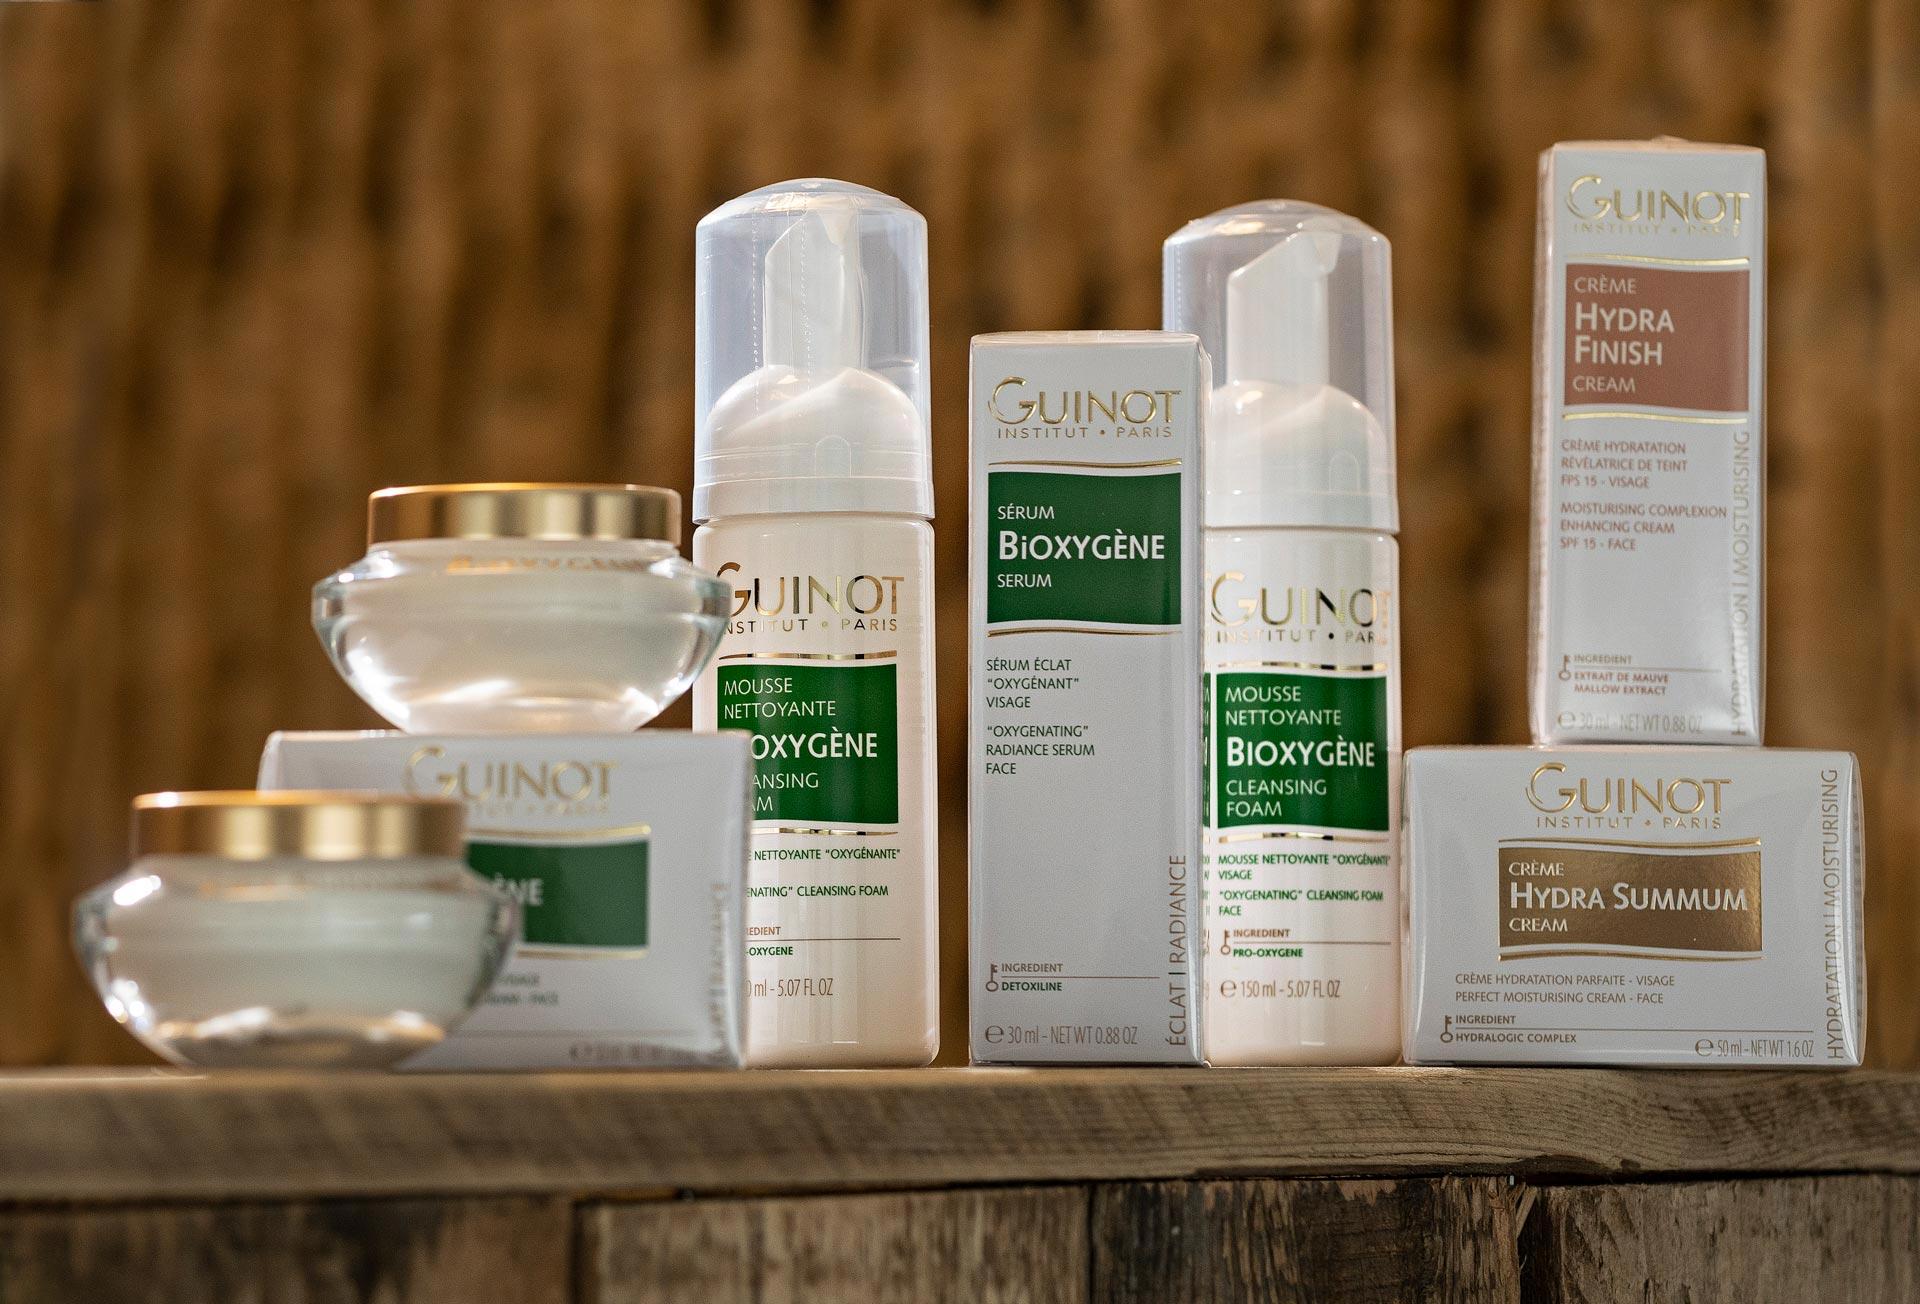 Bonnys Beauty - Guinot huidverzorgingsproducten - Guinot Groen